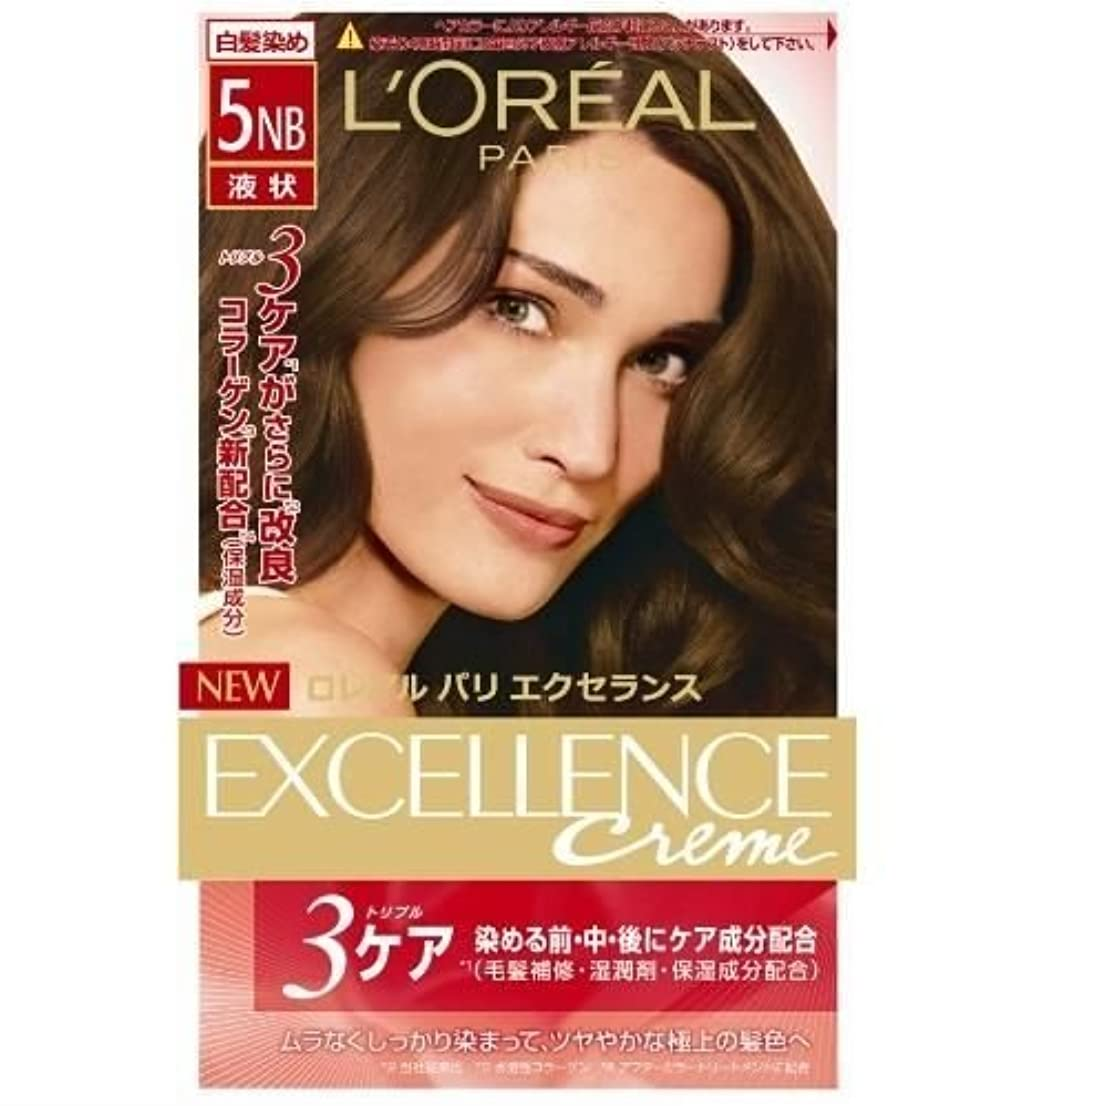 通訳エゴイズム永続エクセランスカラーL 5NB